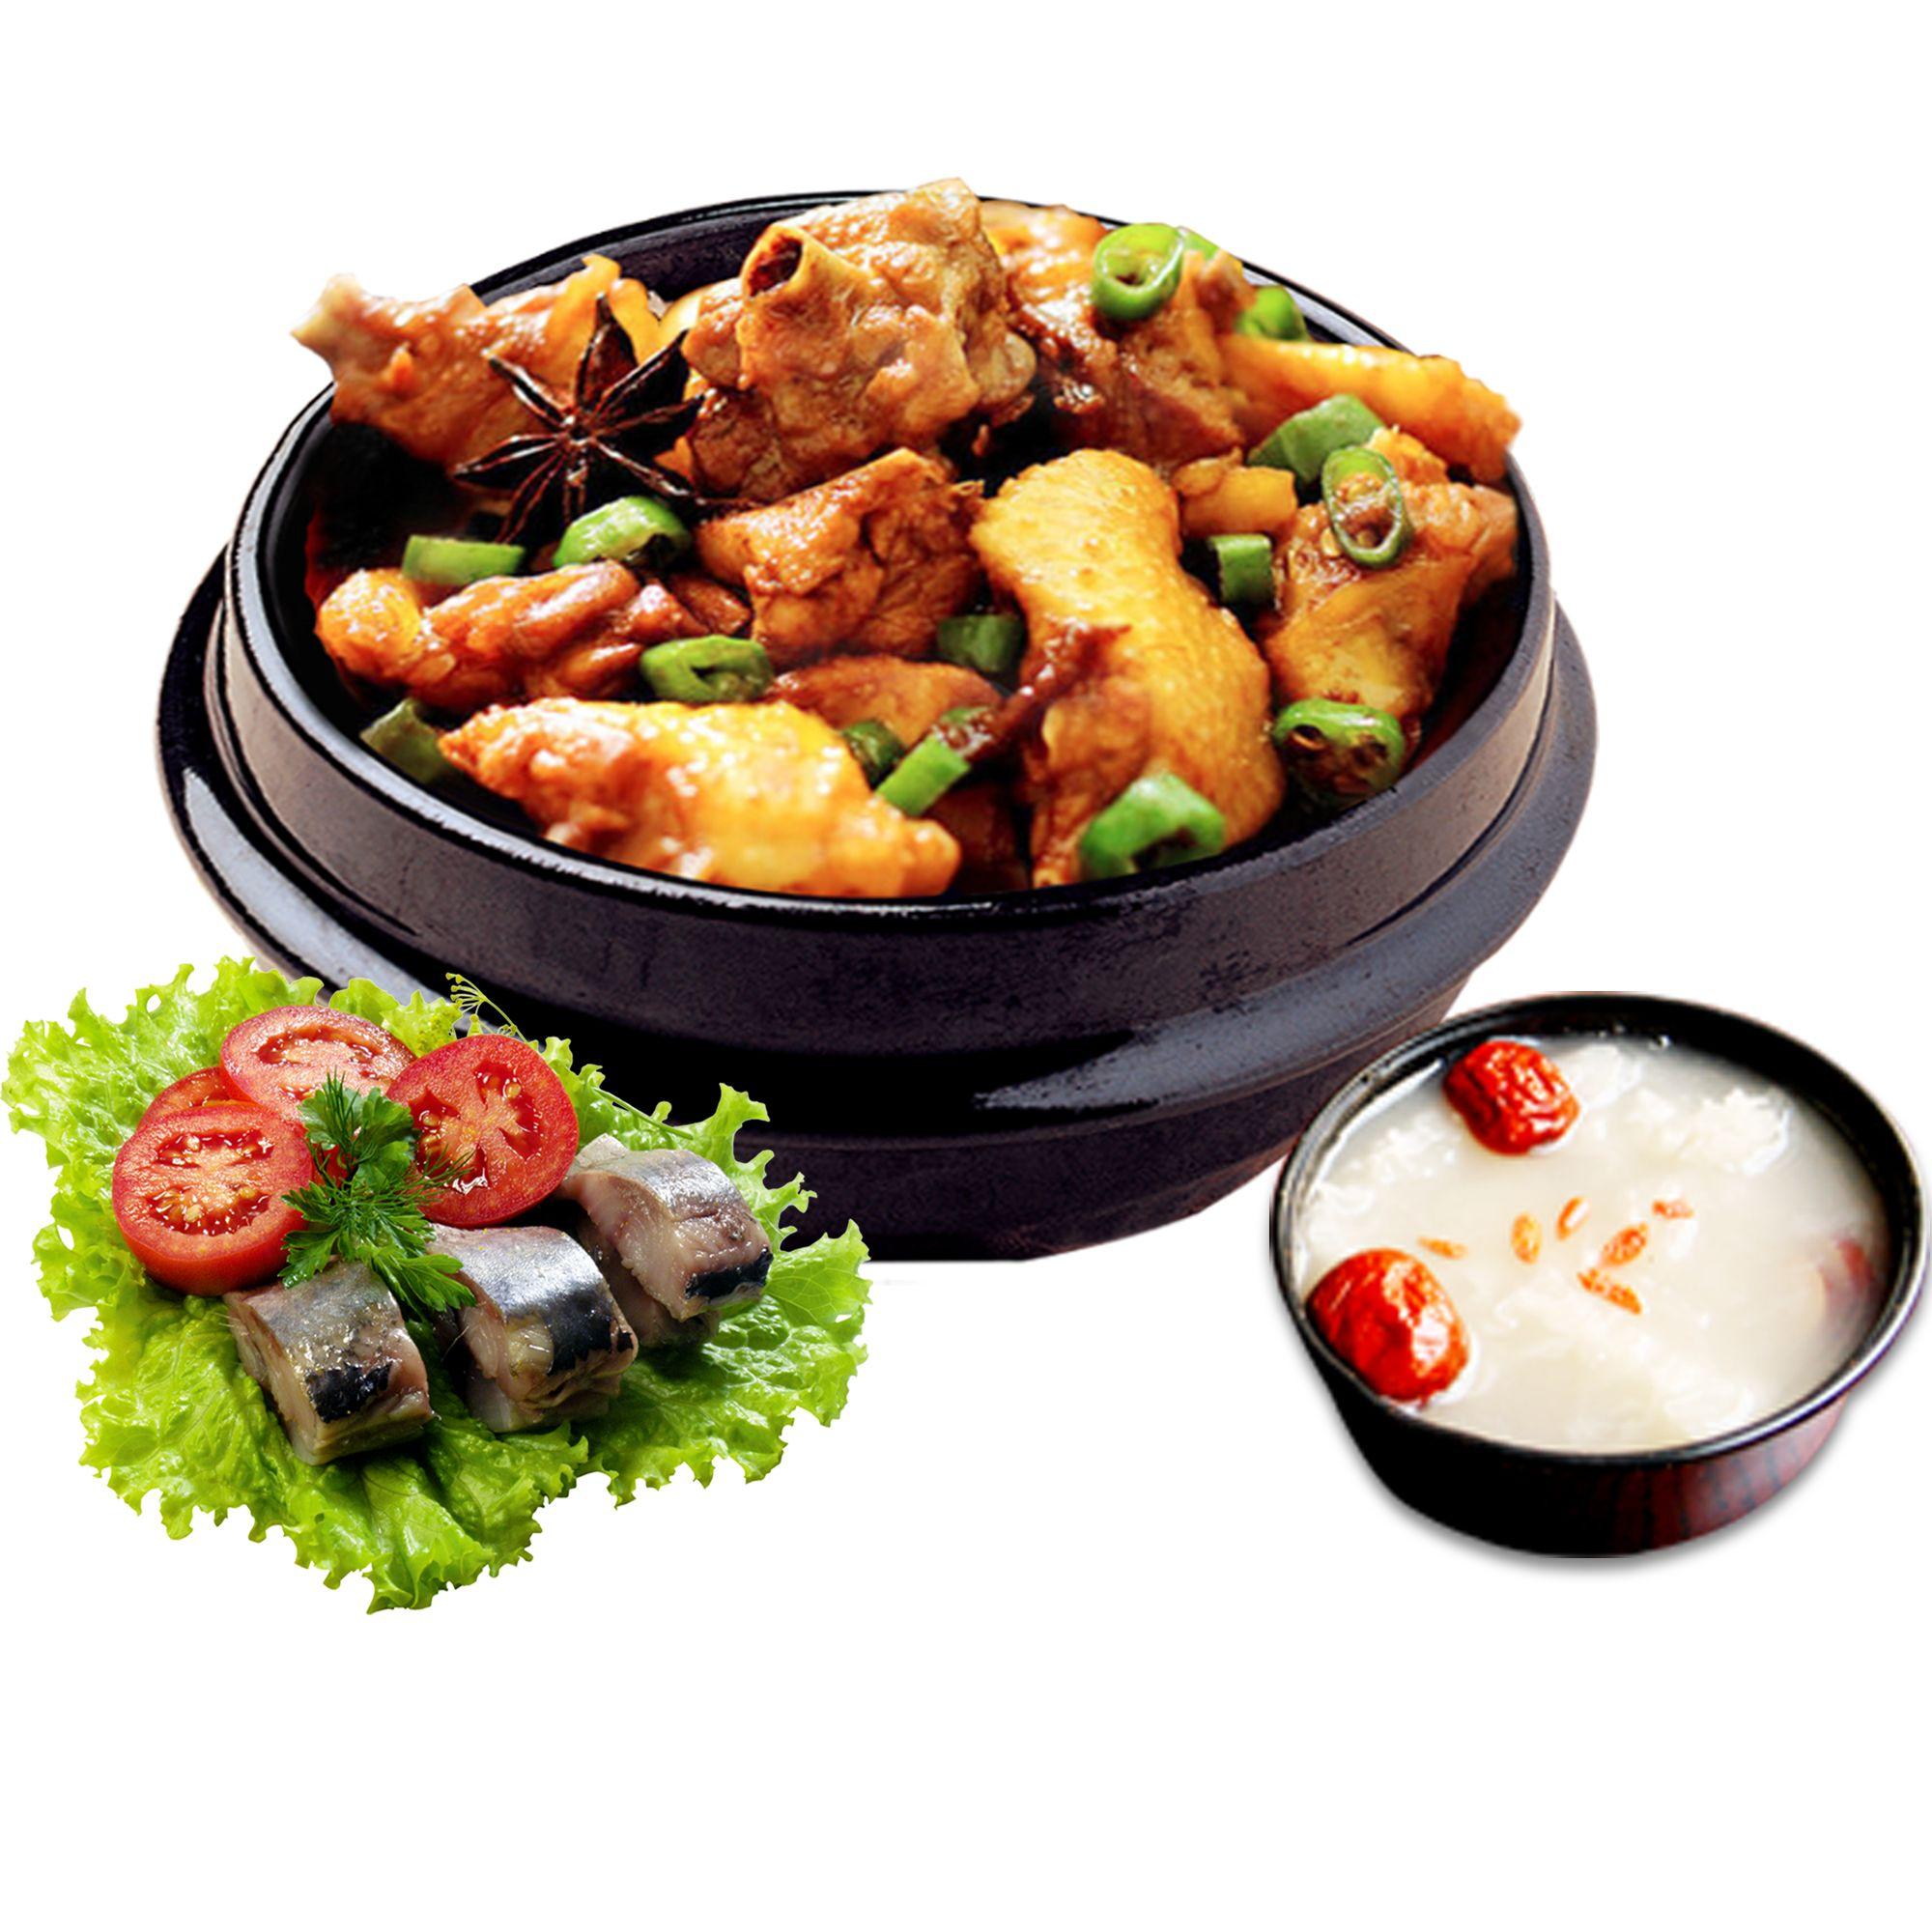 喜丰年黄焖鸡(十七冶店)